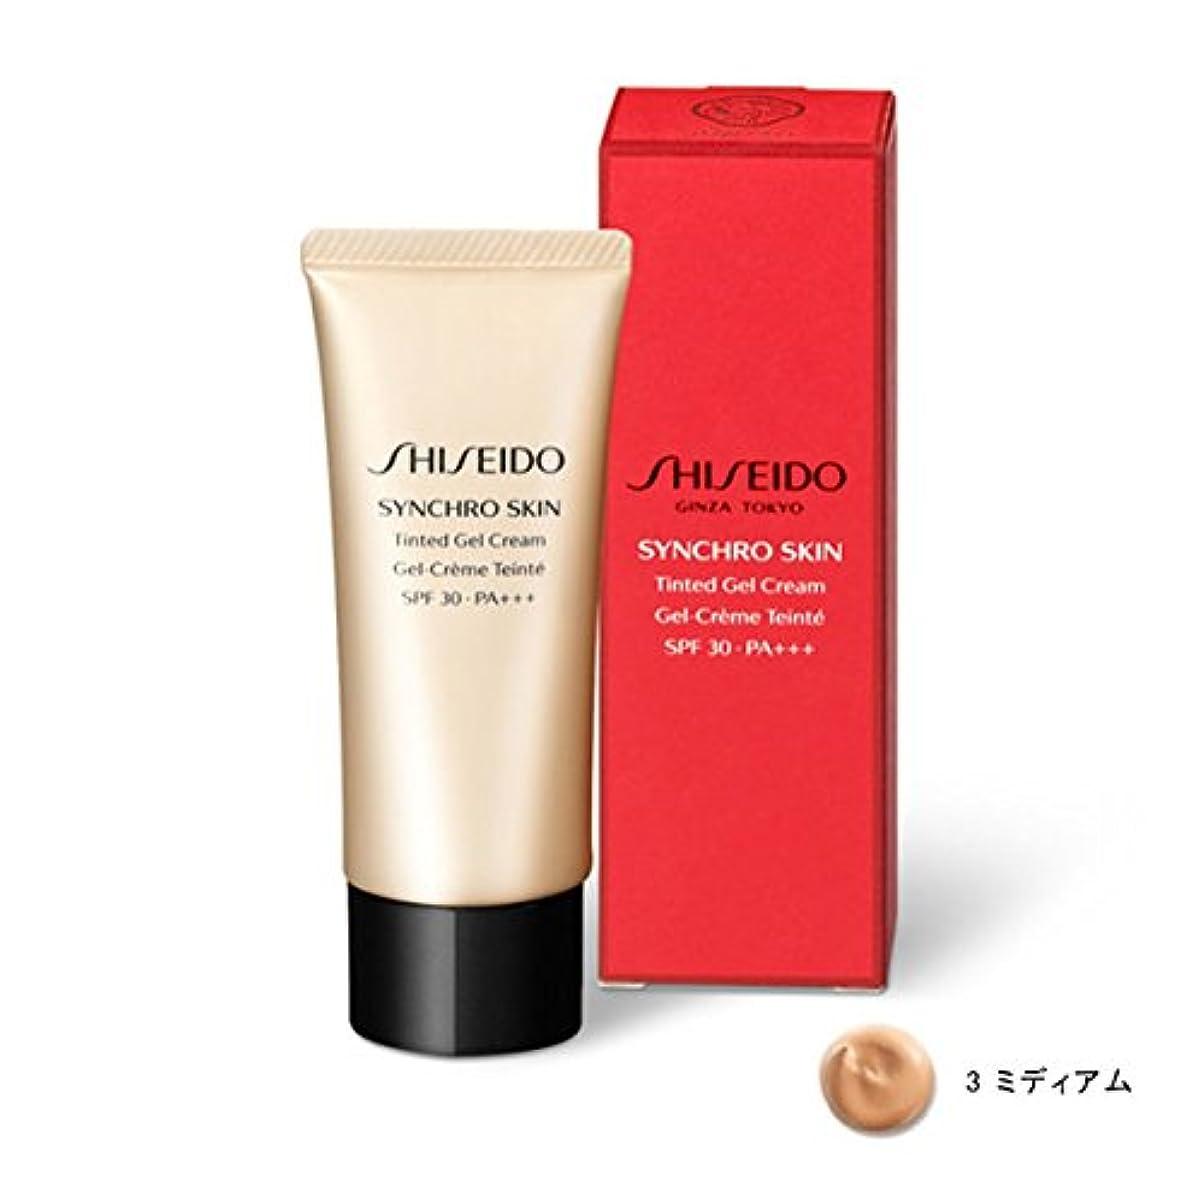 ご予約自然公園特別なSHISEIDO Makeup(資生堂 メーキャップ) SHISEIDO(資生堂) シンクロスキン ティンティッド ジェルクリーム (3 ミディアム)